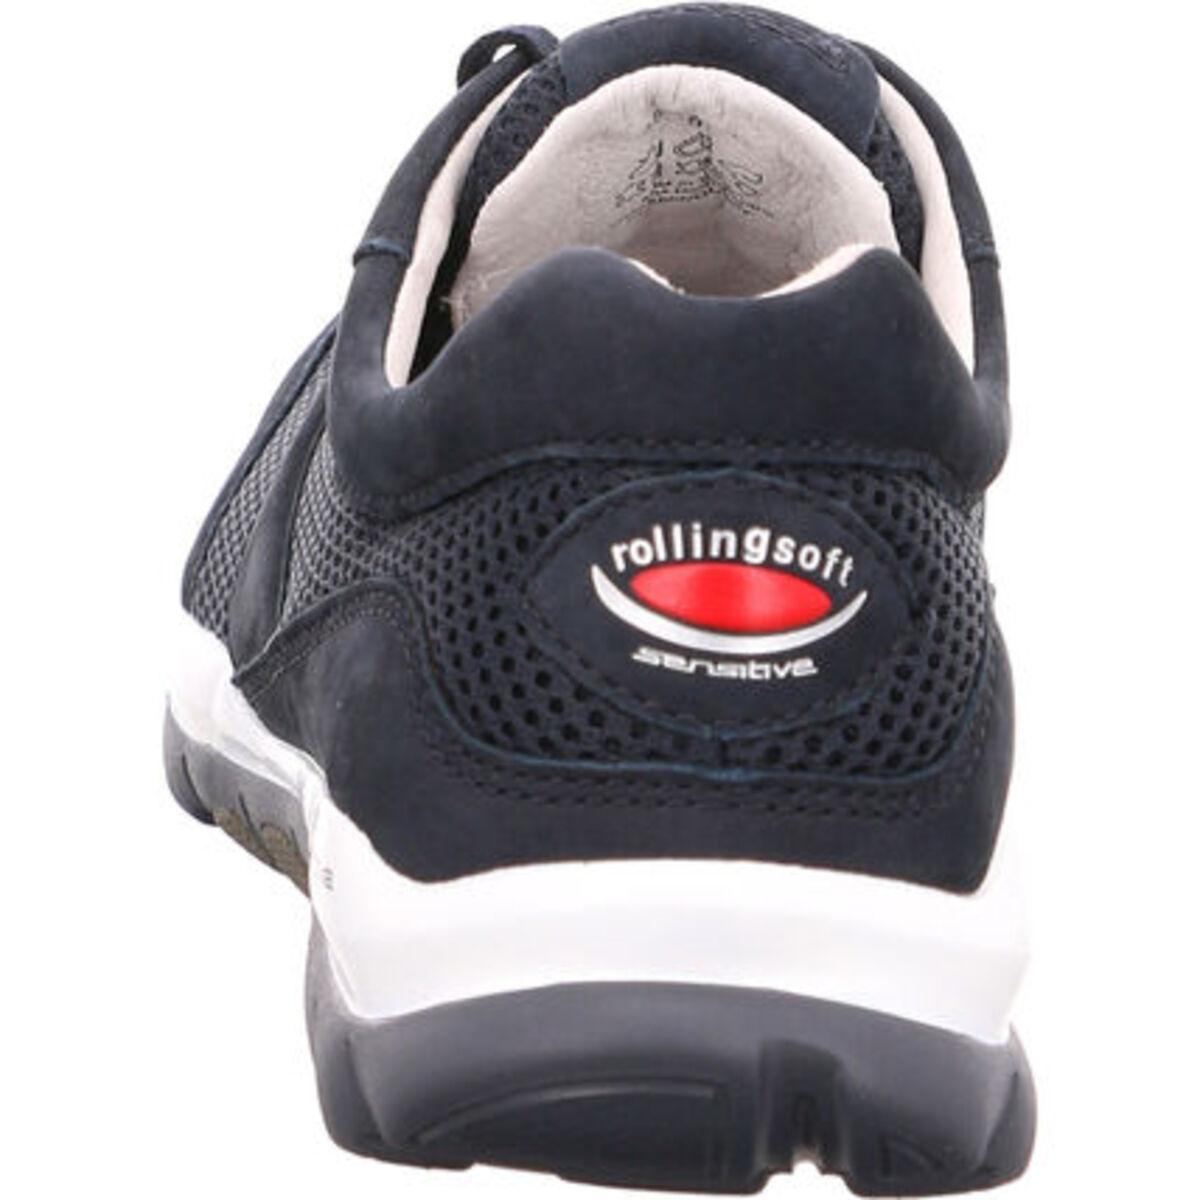 Bild 4 von Gabor Sneaker, Rollingsoft sensitive, Leder, für Damen